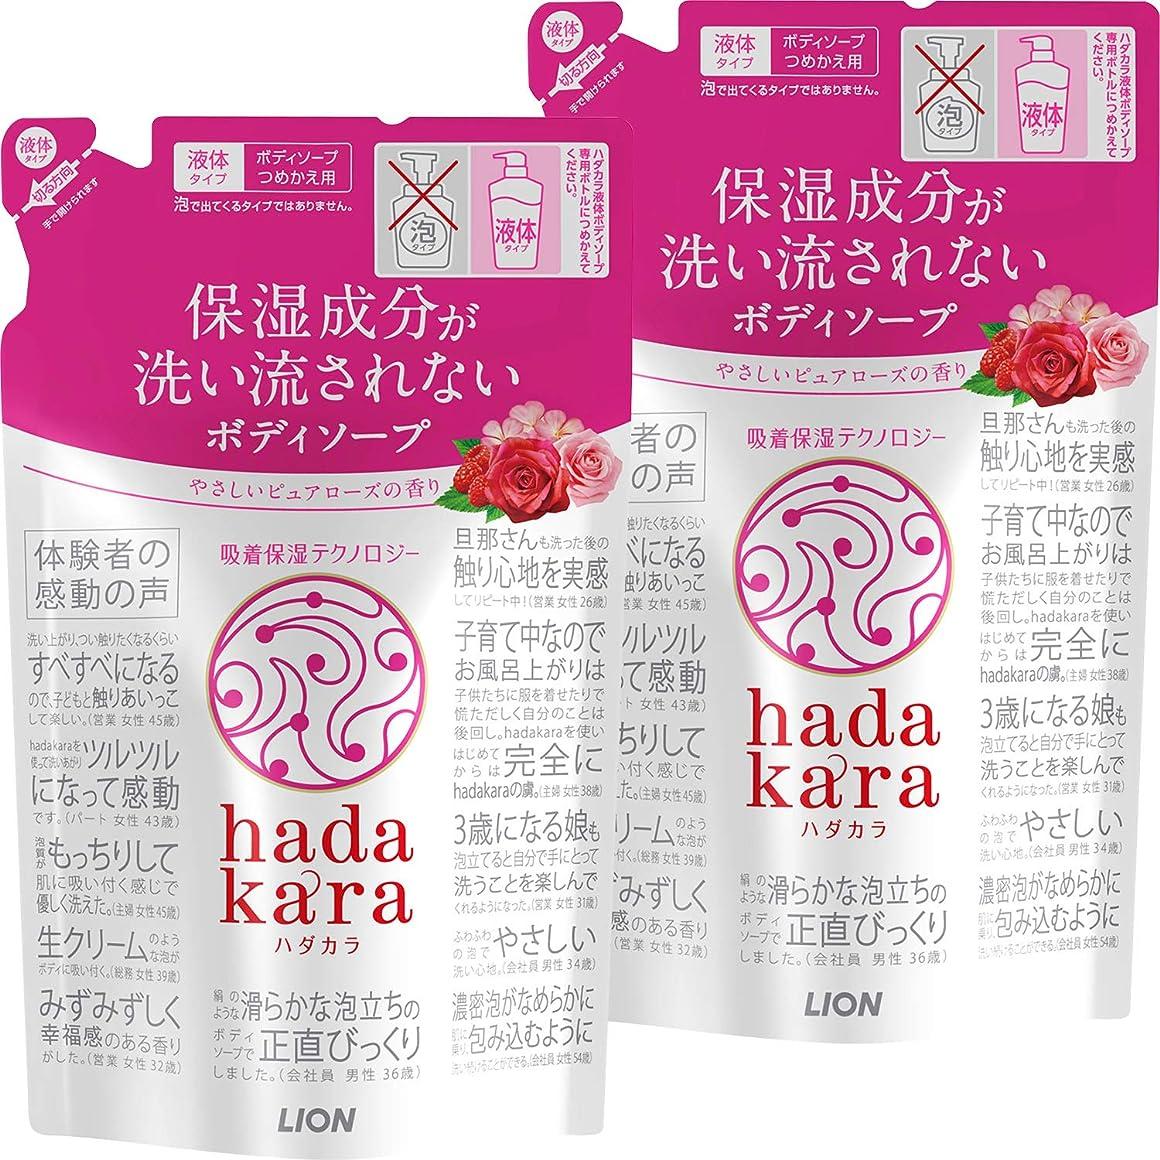 反対する正気砂【まとめ買い】hadakara(ハダカラ) ボディソープ ピュアローズの香り 詰め替え 360ml×2個パック